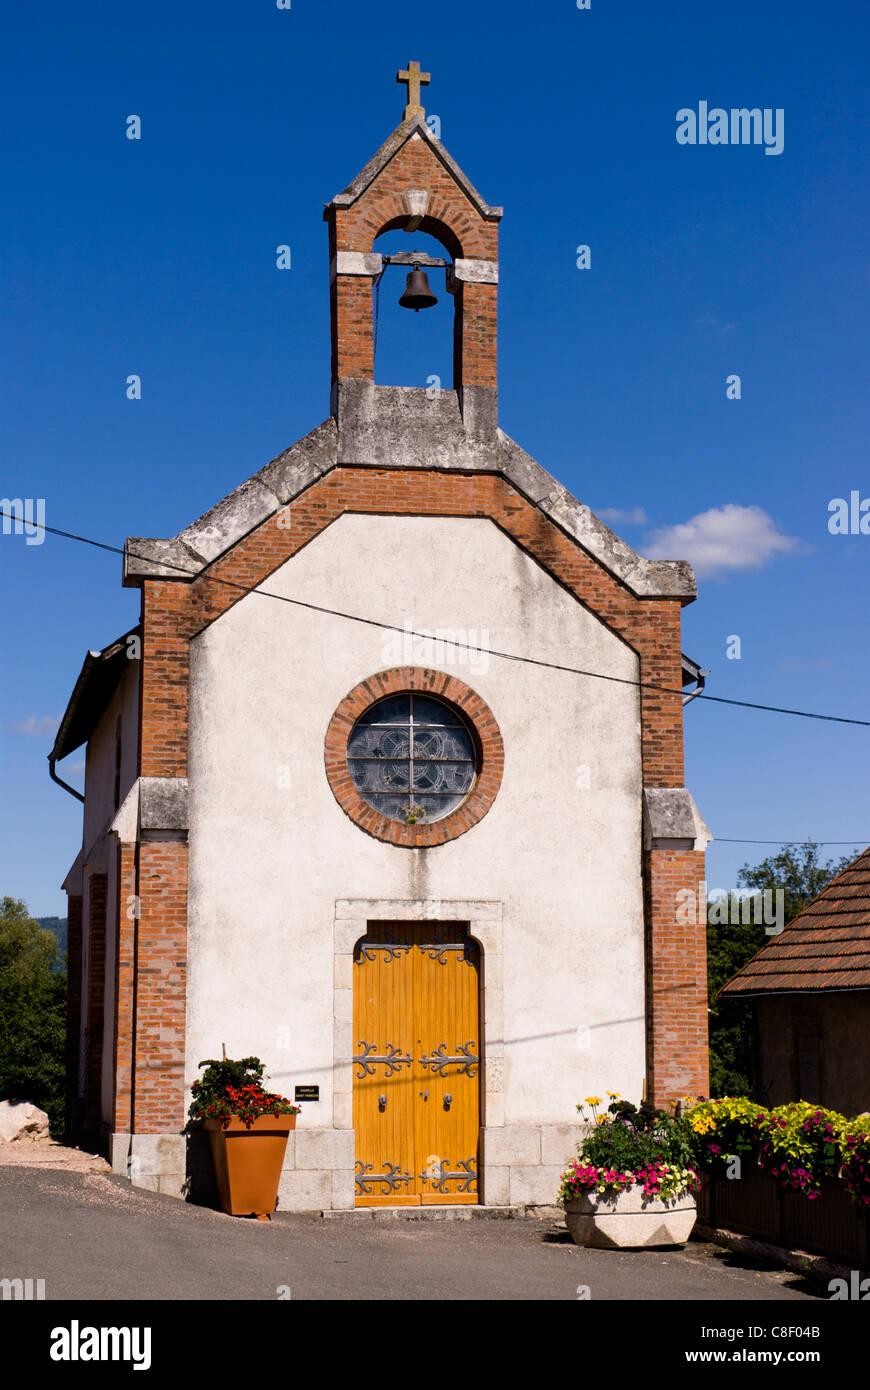 Saint-François cappella, Le Mayet-de-Montagne, Allier, regione Auvergne, Francia Immagini Stock